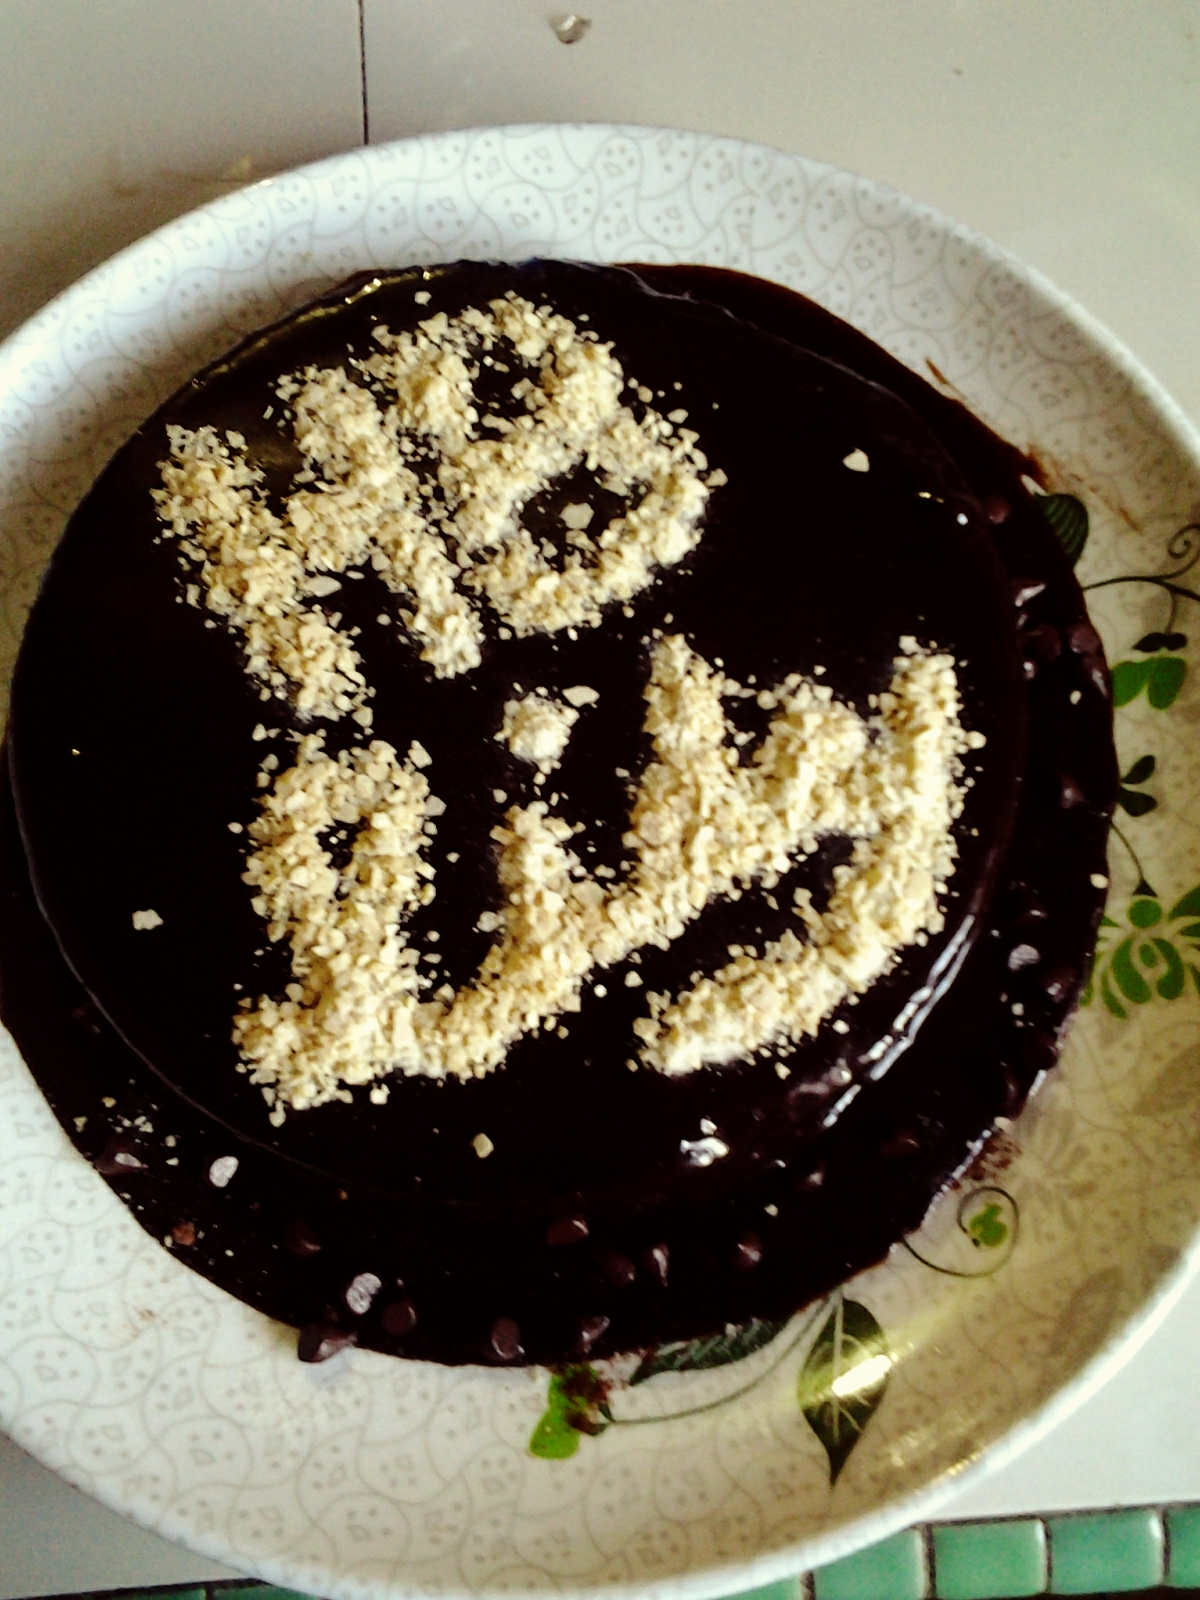 Resepi Kek Coklat Simple Dan Mudah - Pewarna b